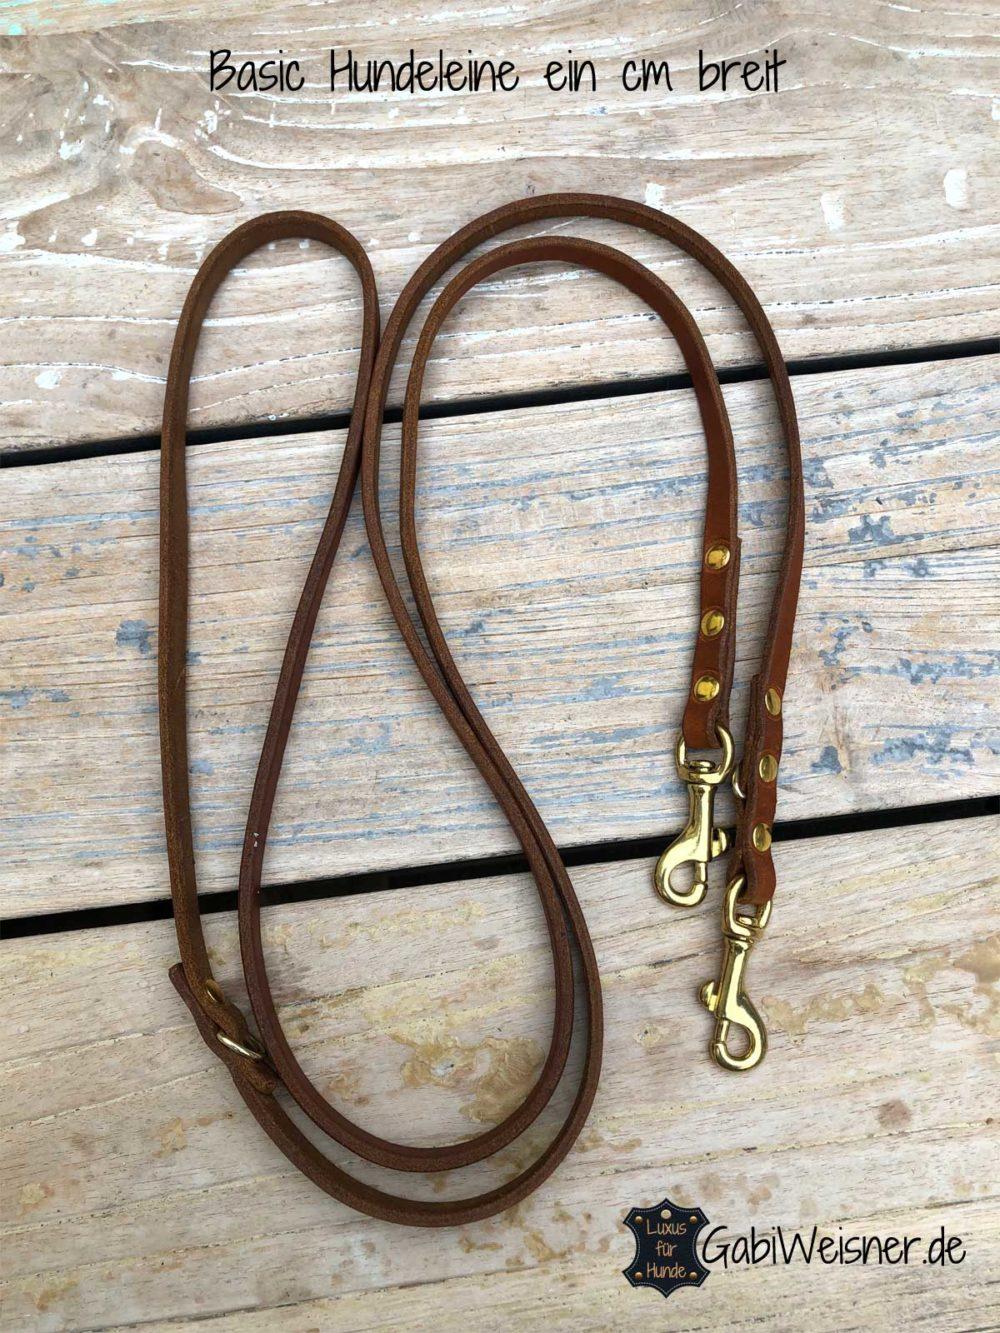 Basic Lederleine 1 cm breit, verstellbar, kleine Messing-Karabiner